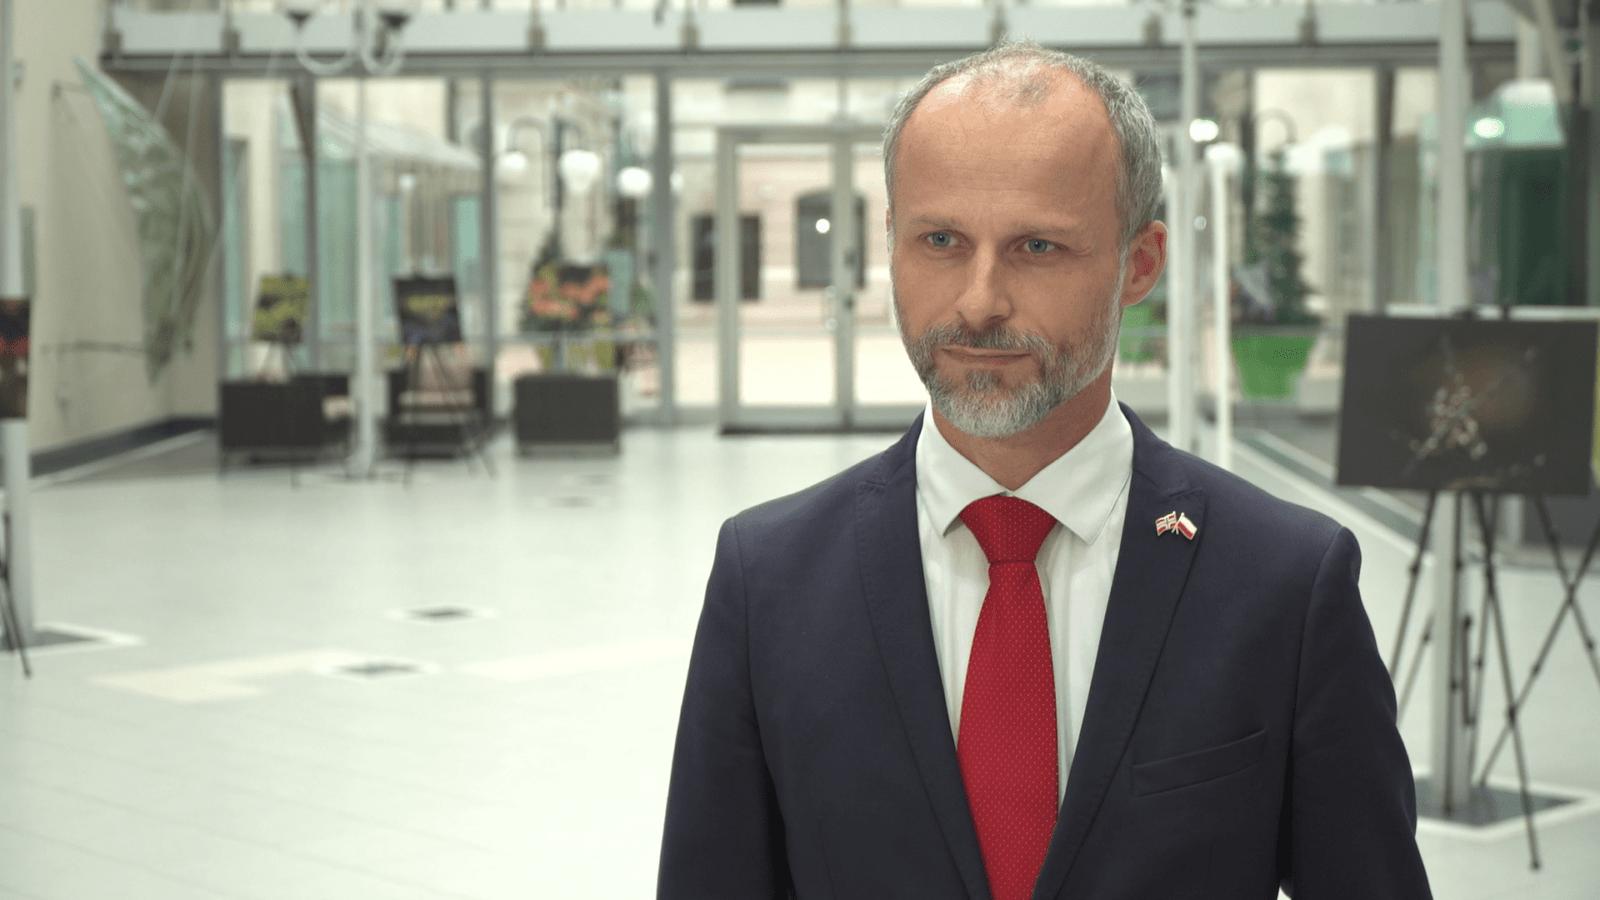 Norweski rynek stwarza atrakcyjne możliwości polskim firmom. Granty z Funduszy Norweskich ułatwiają ekspansję i pozyskanie partnerów